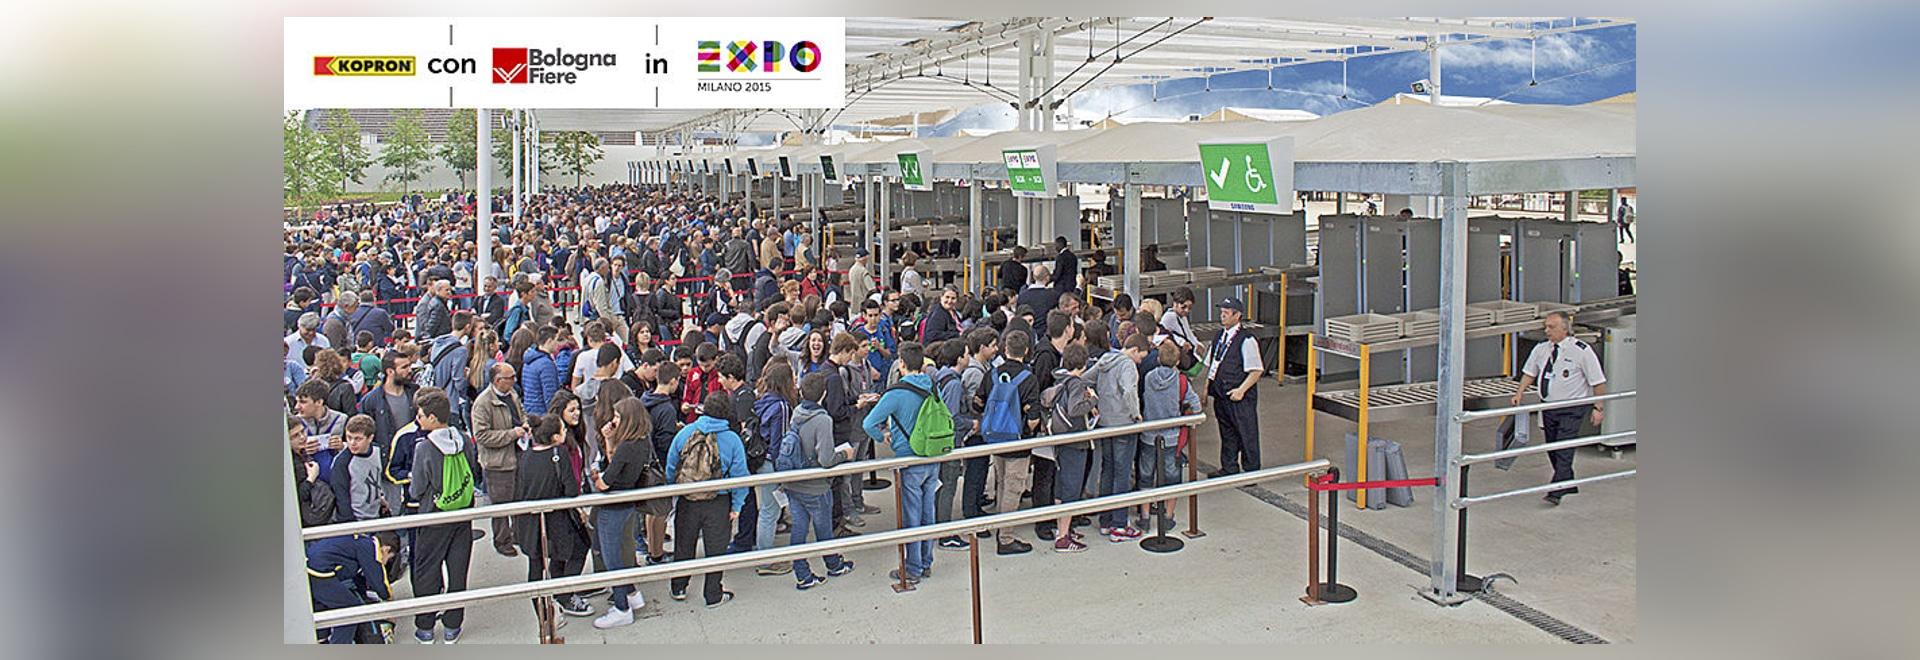 Kopron sichert den zutritt zur Expo2015 durch einen aufbau von 3500 quadratmeter.